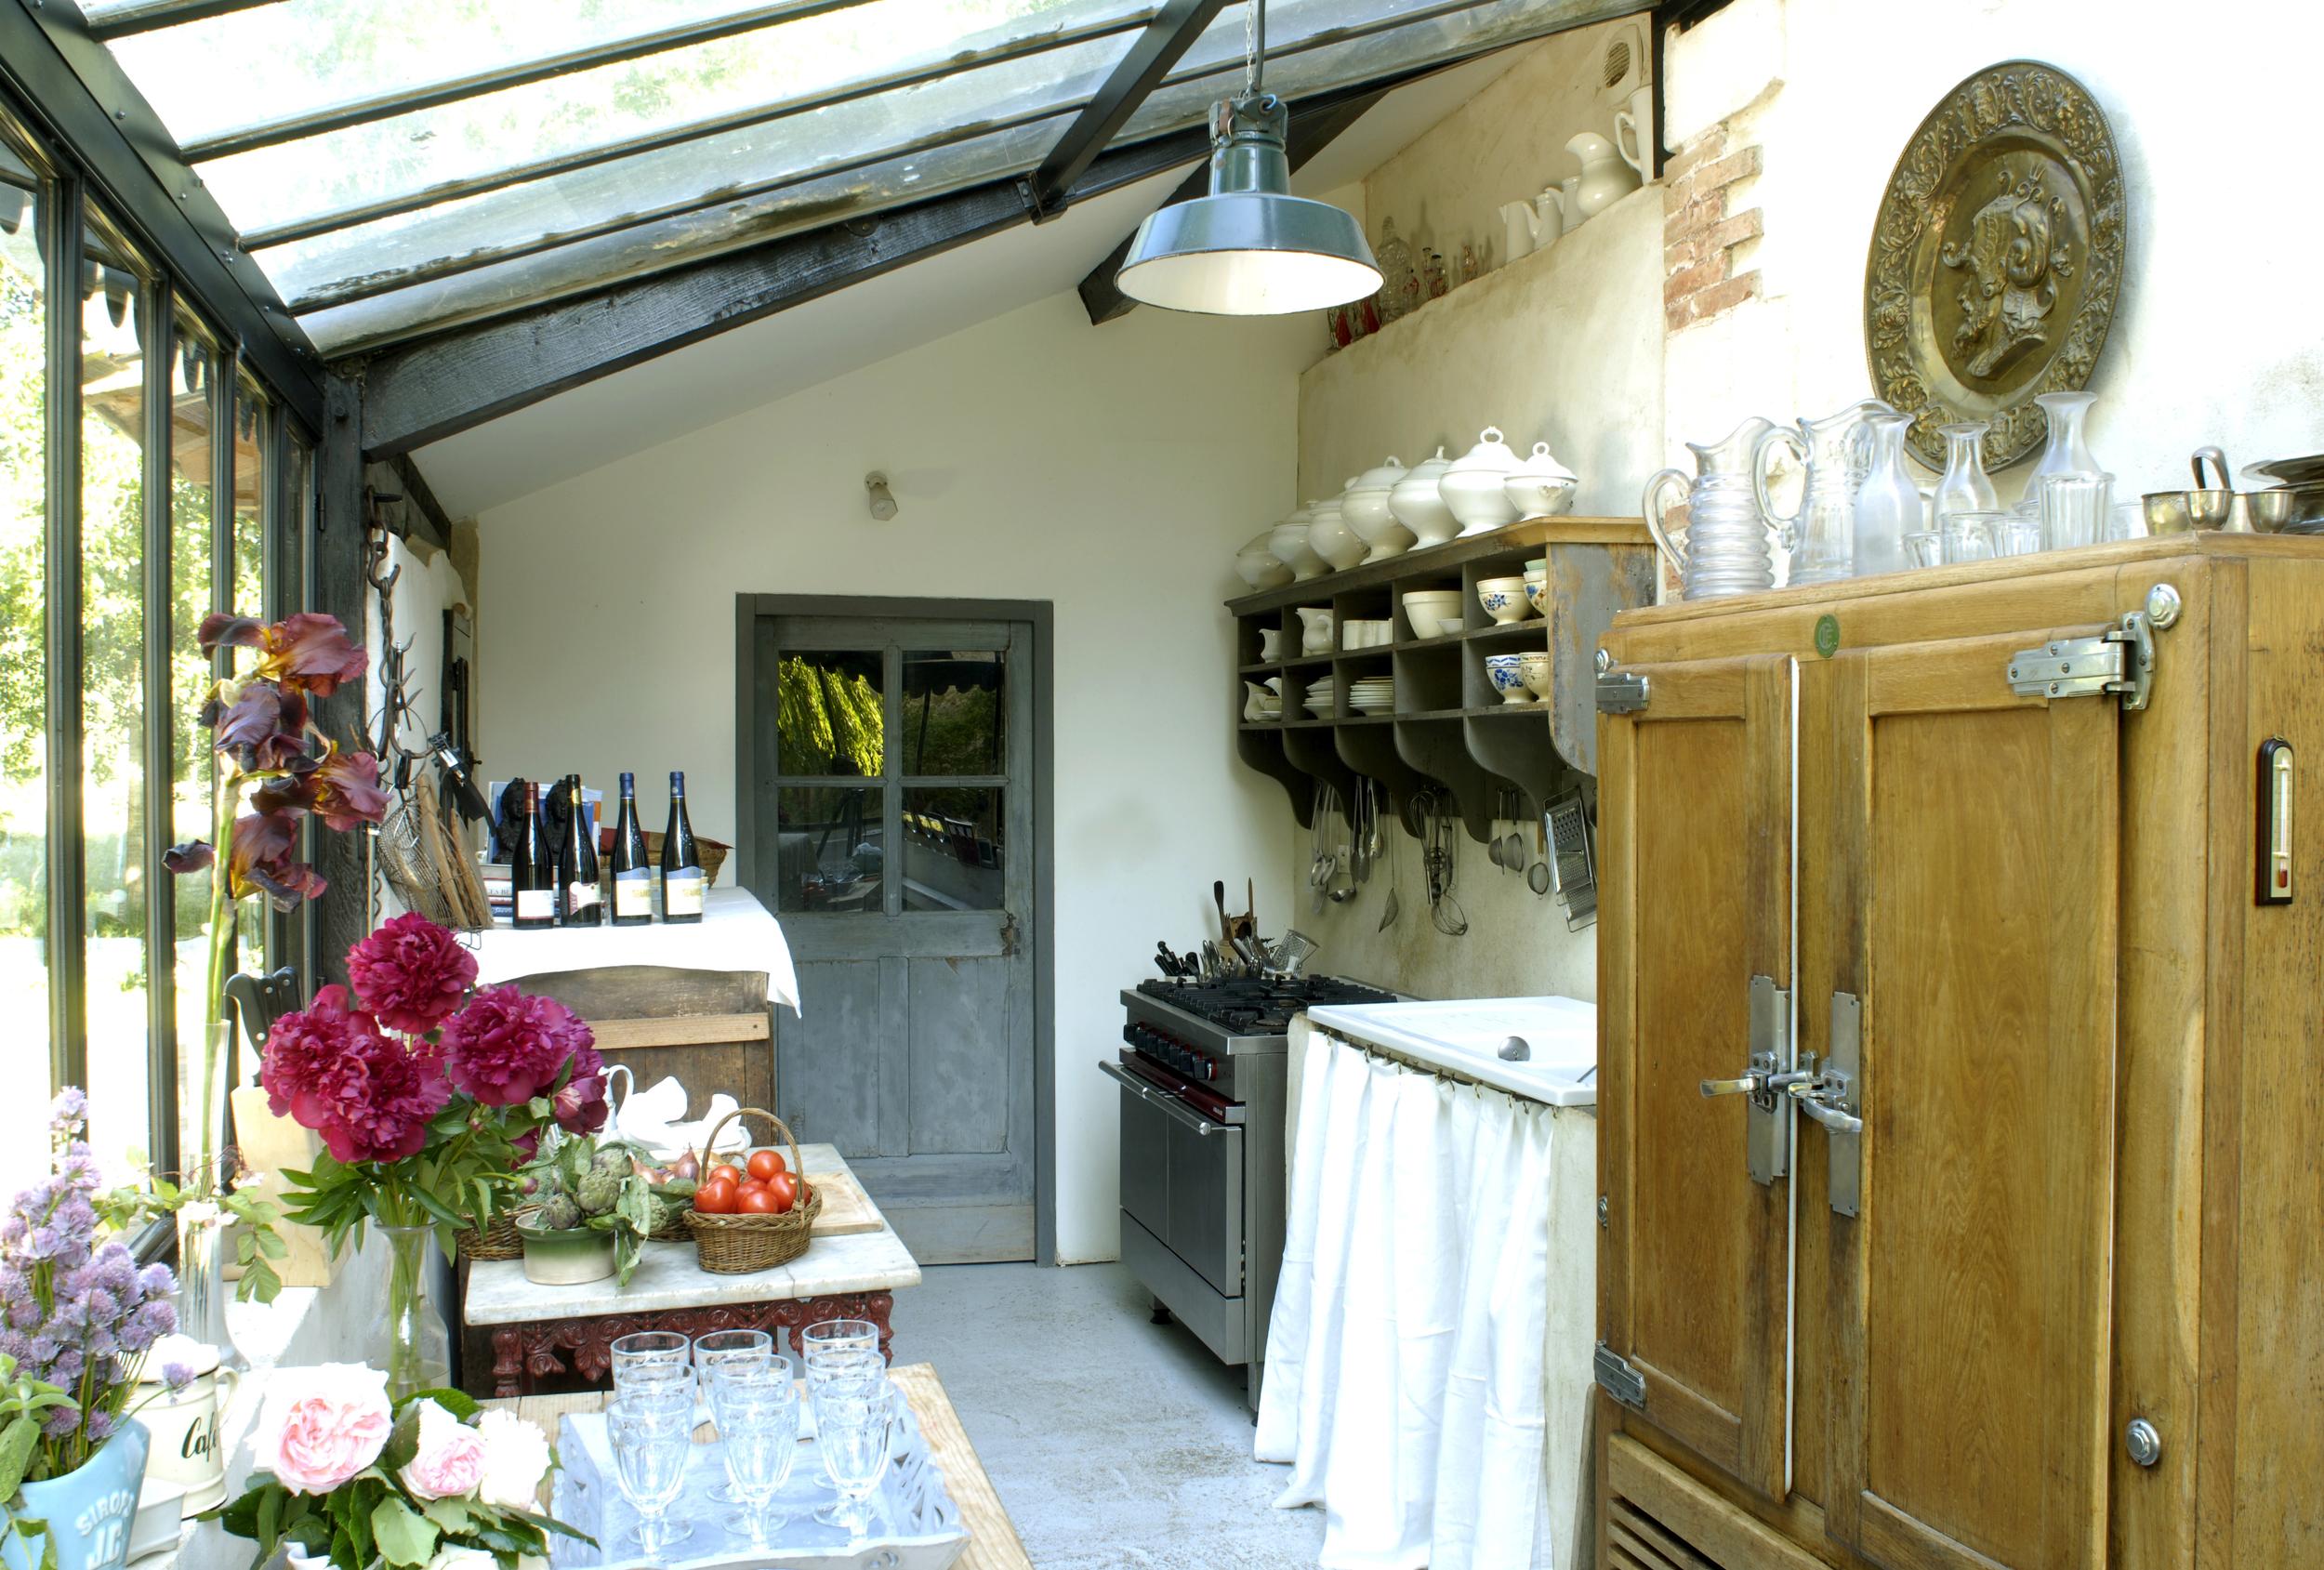 interieur main kitchen.jpg